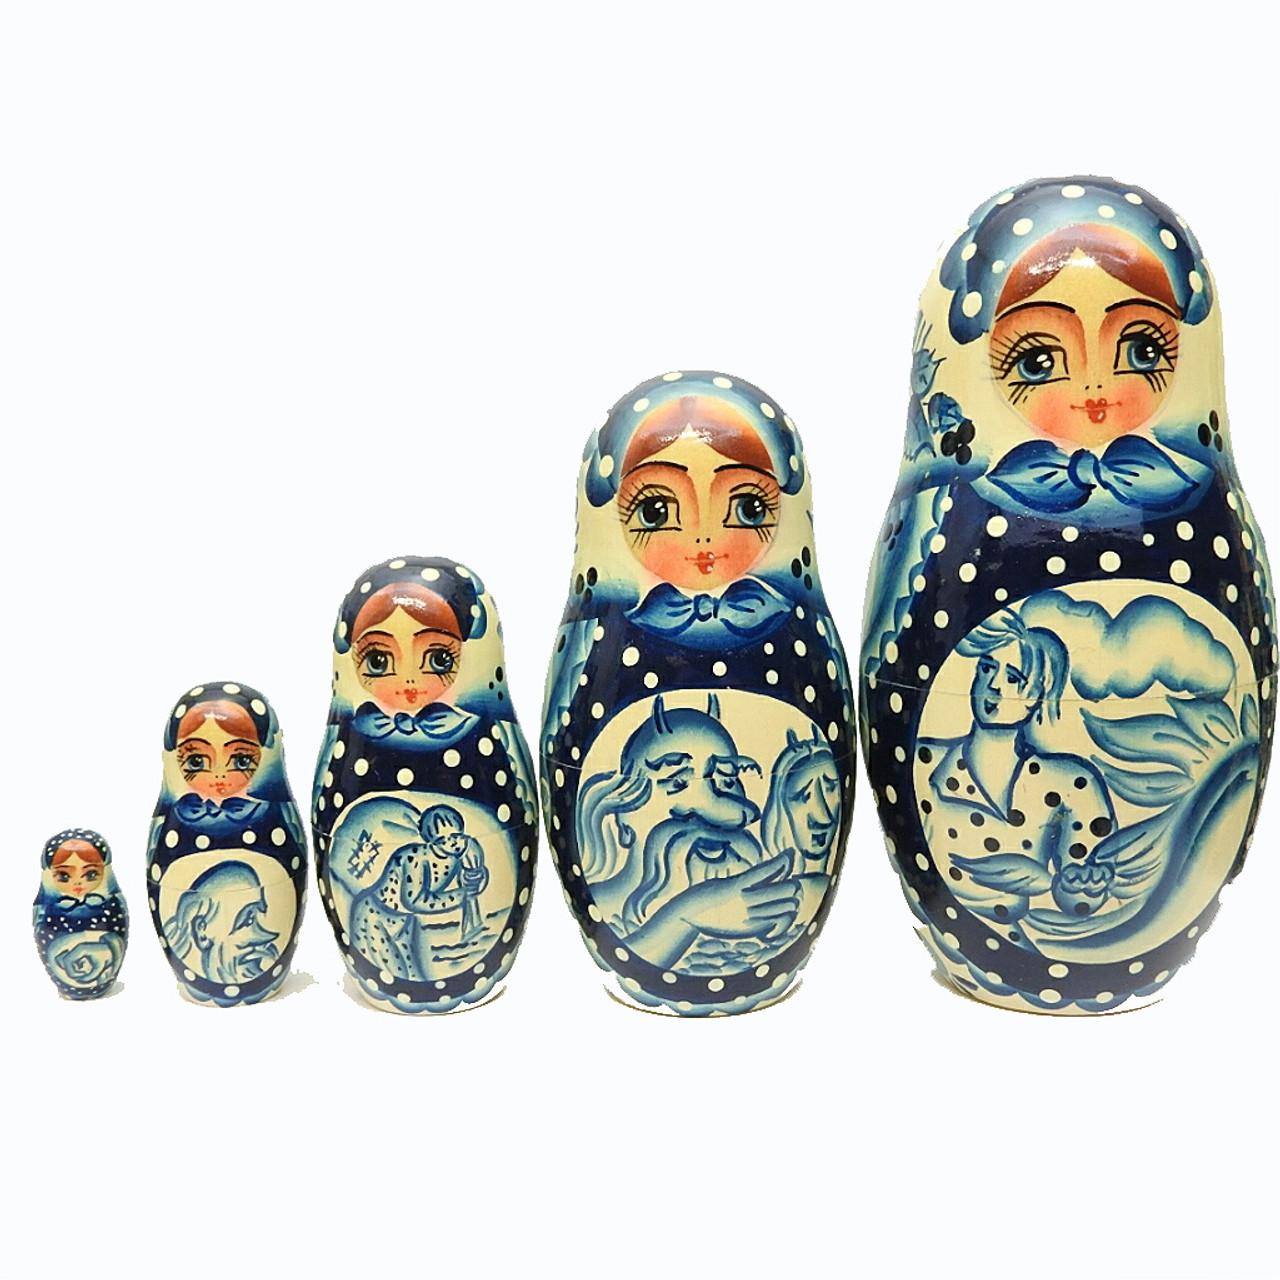 Gzhel Motifs from Khotkovo Artistic Matryoshka Doll